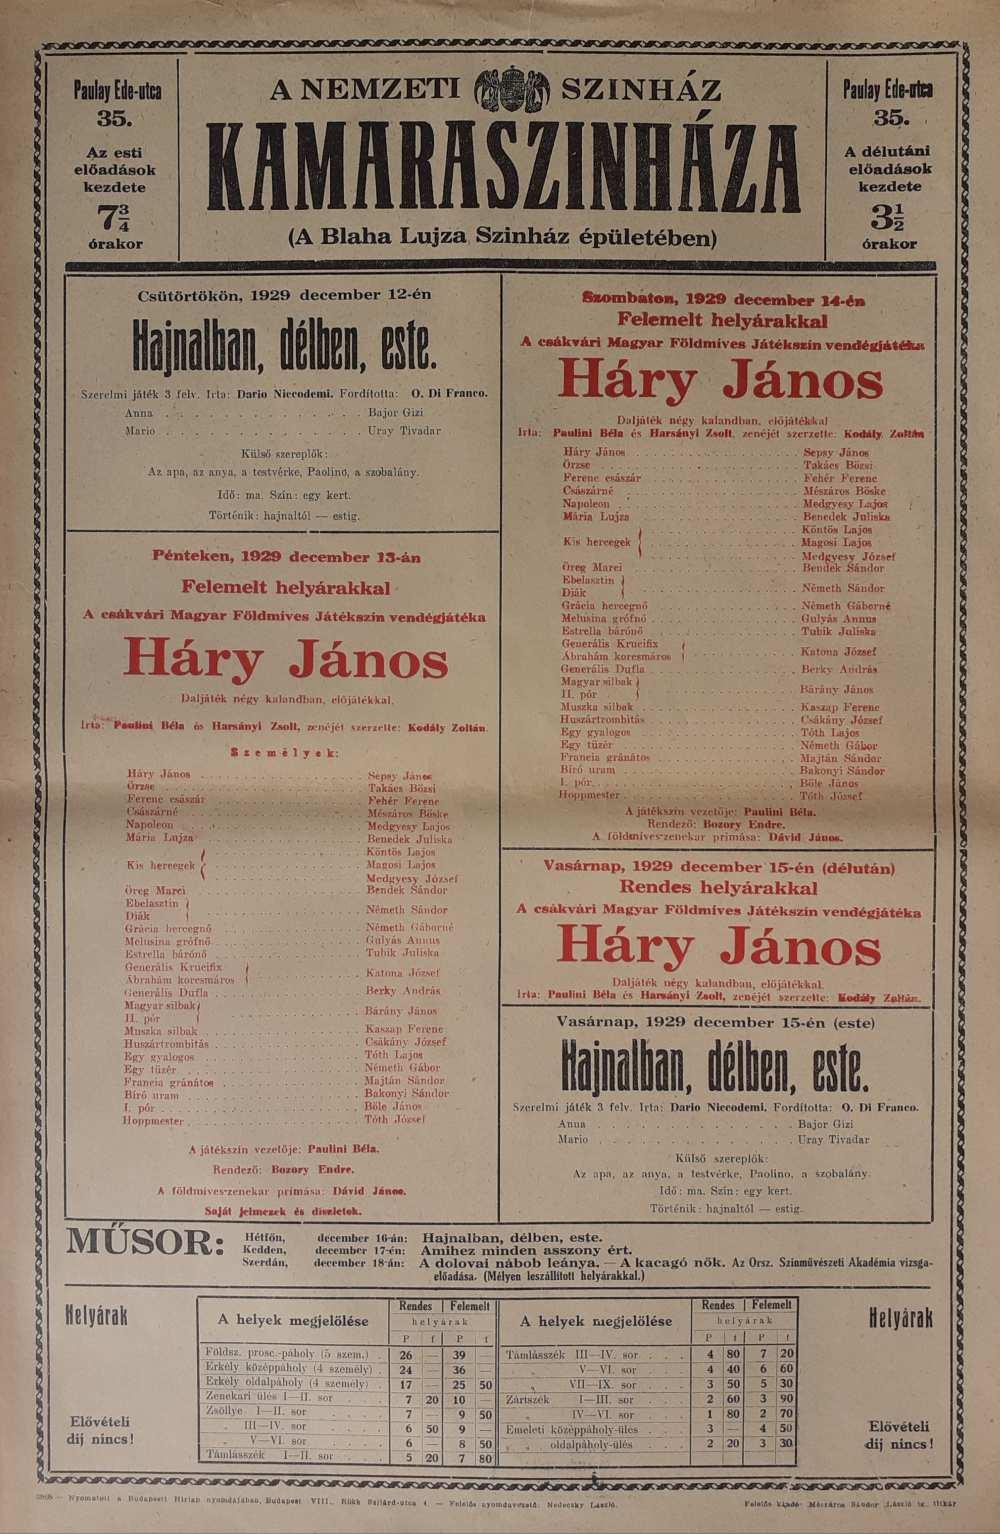 Kodály Zoltán: Háry János. A Nemzeti Színház Kamaraszínháza, 1929. december 13. Színlap – Színháztörténeti és Zeneműtár